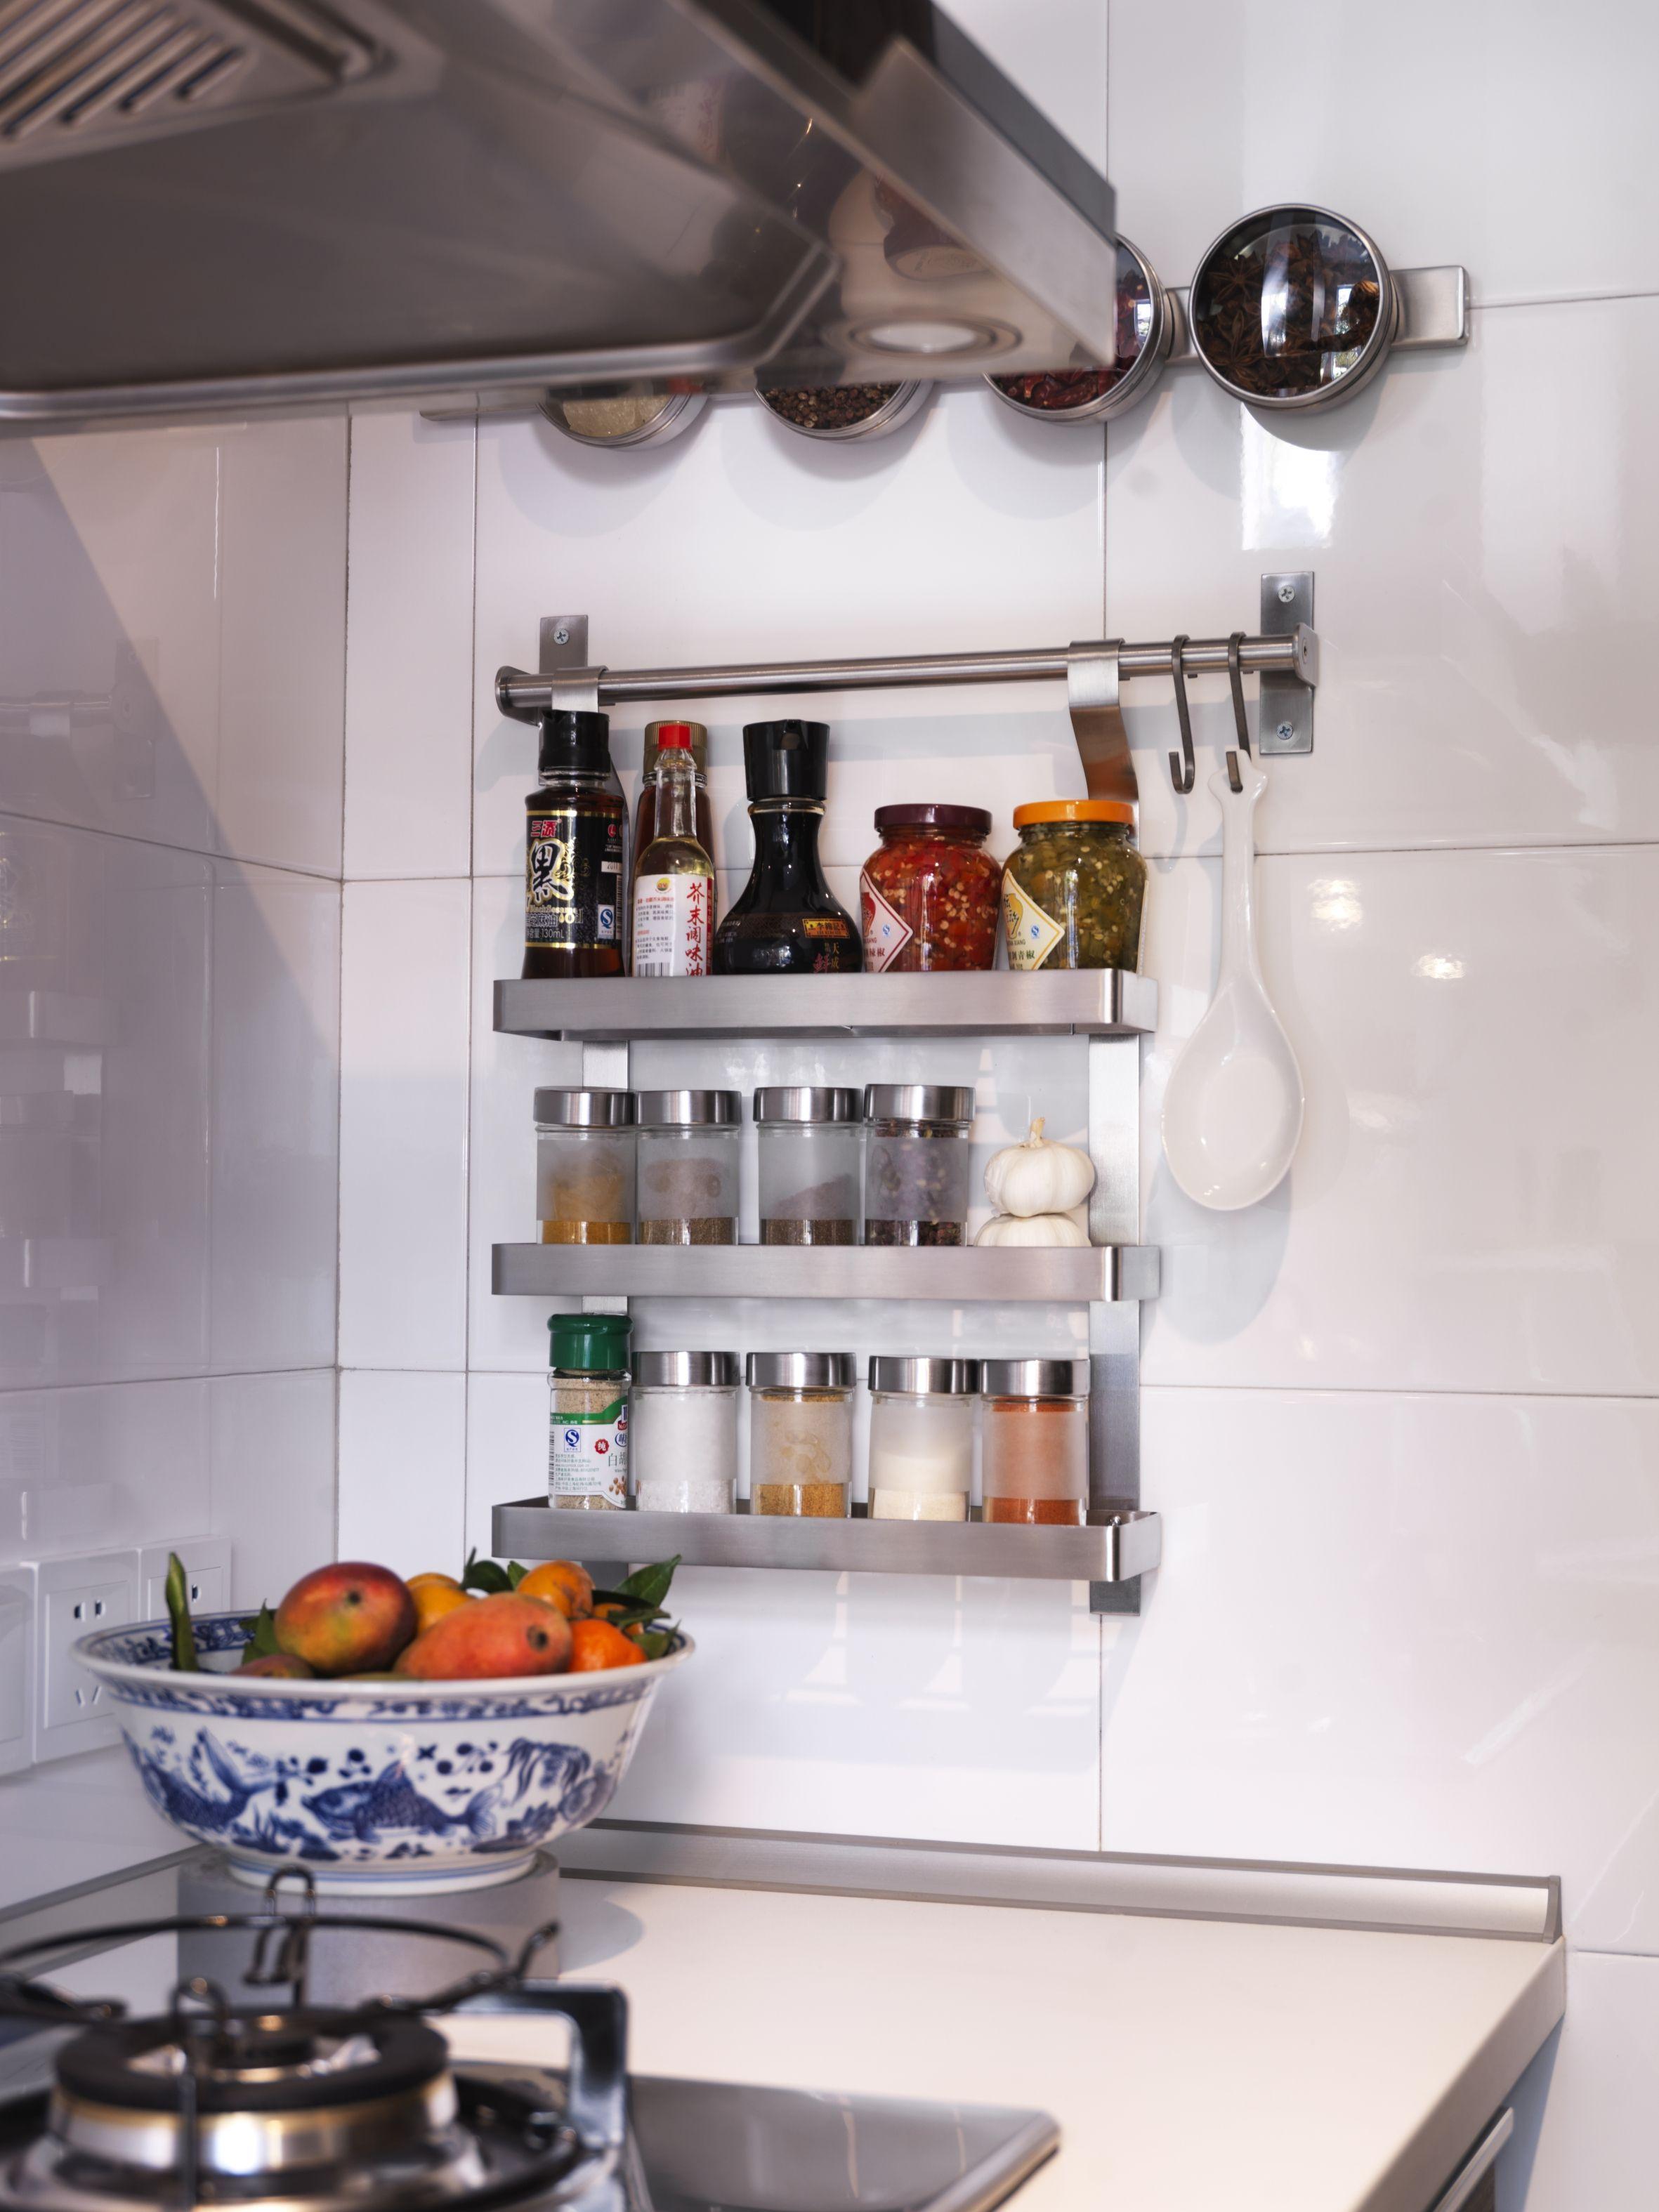 Grundtal Kruidenrekje Maak Je Keuken Helemaal Af Met Onze Producten